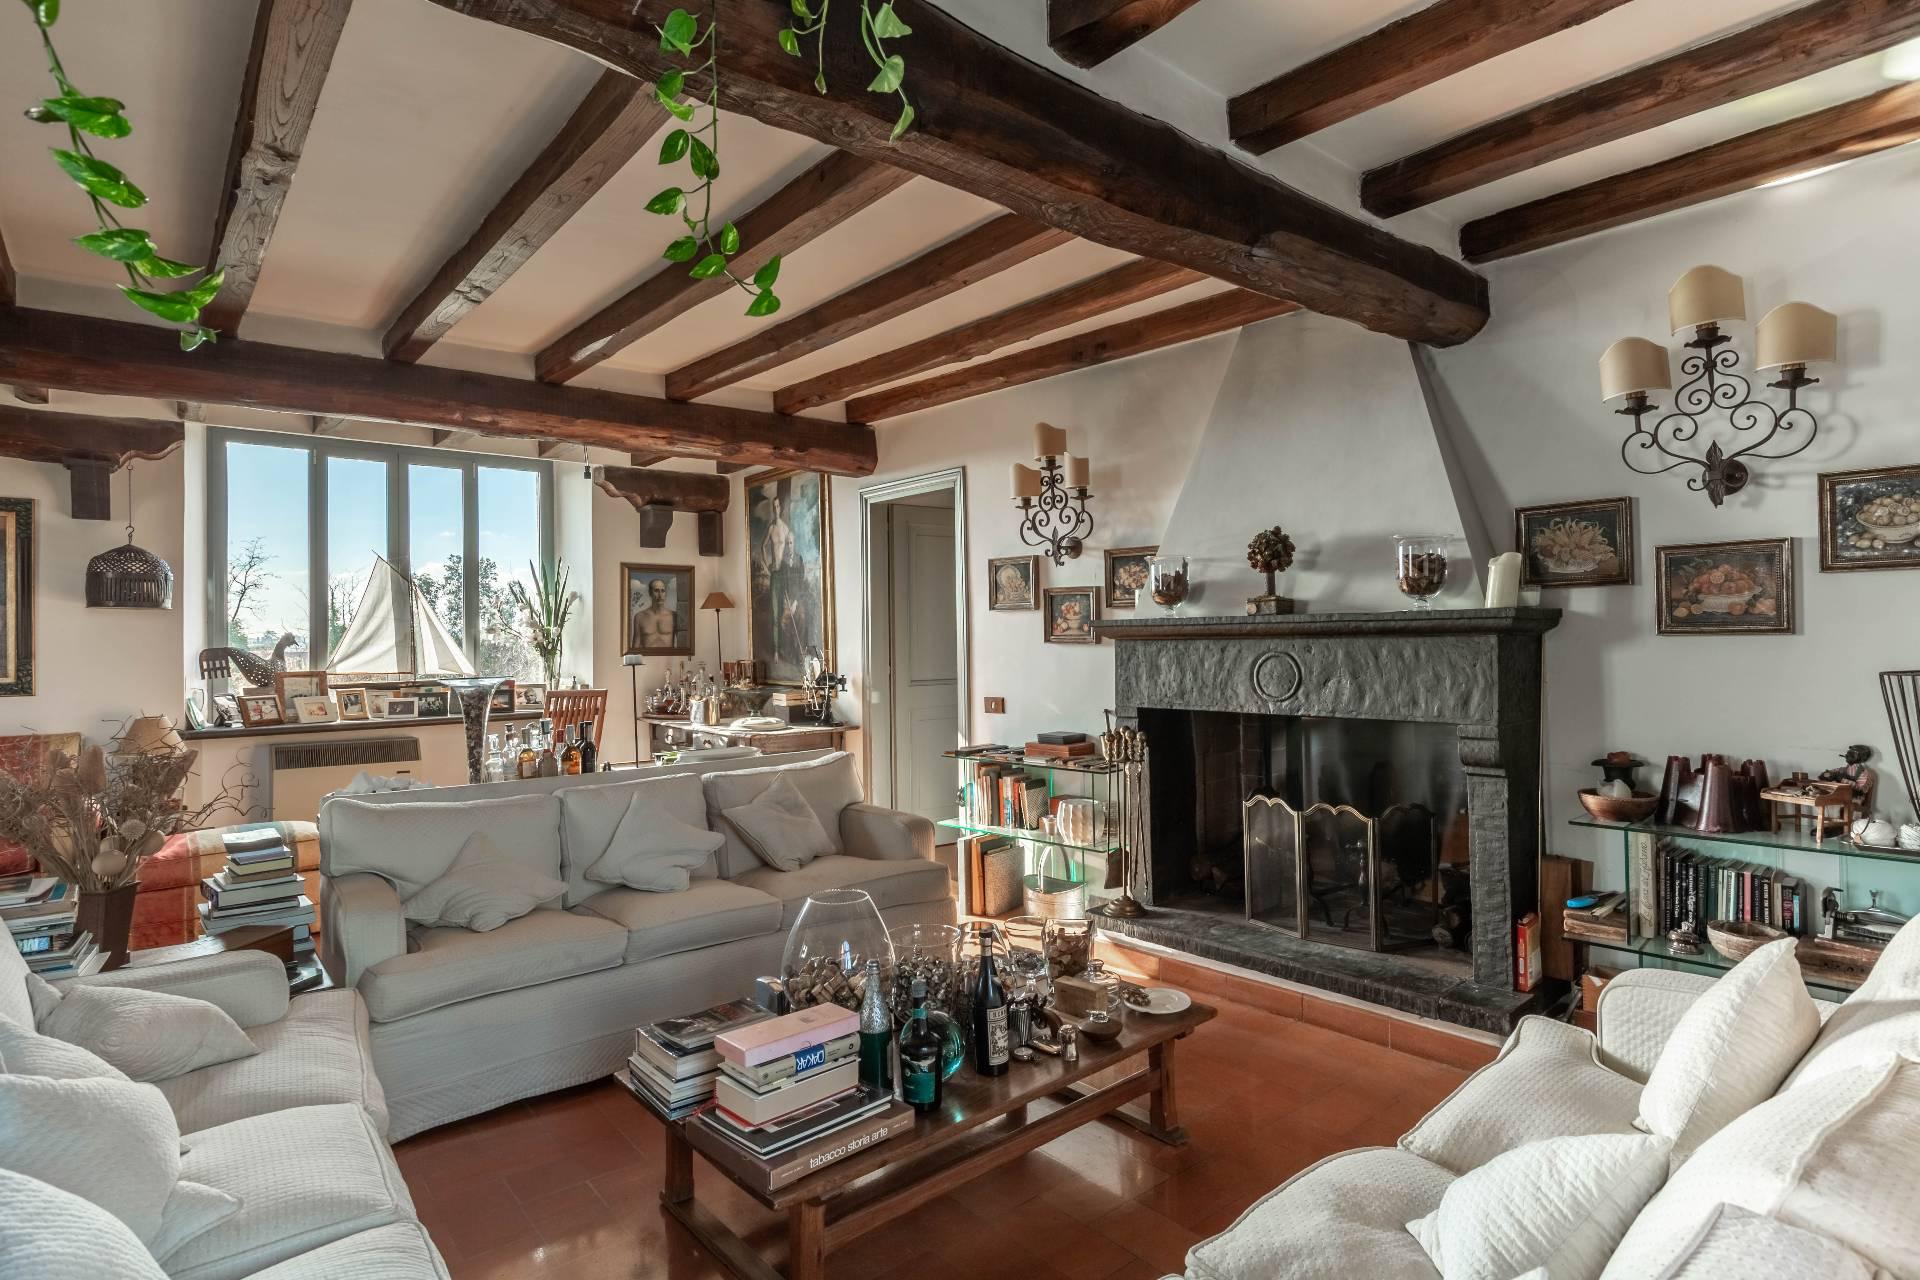 Appartamento in vendita a Capena, 6 locali, zona Località: Tiberina, prezzo € 740.000 | CambioCasa.it